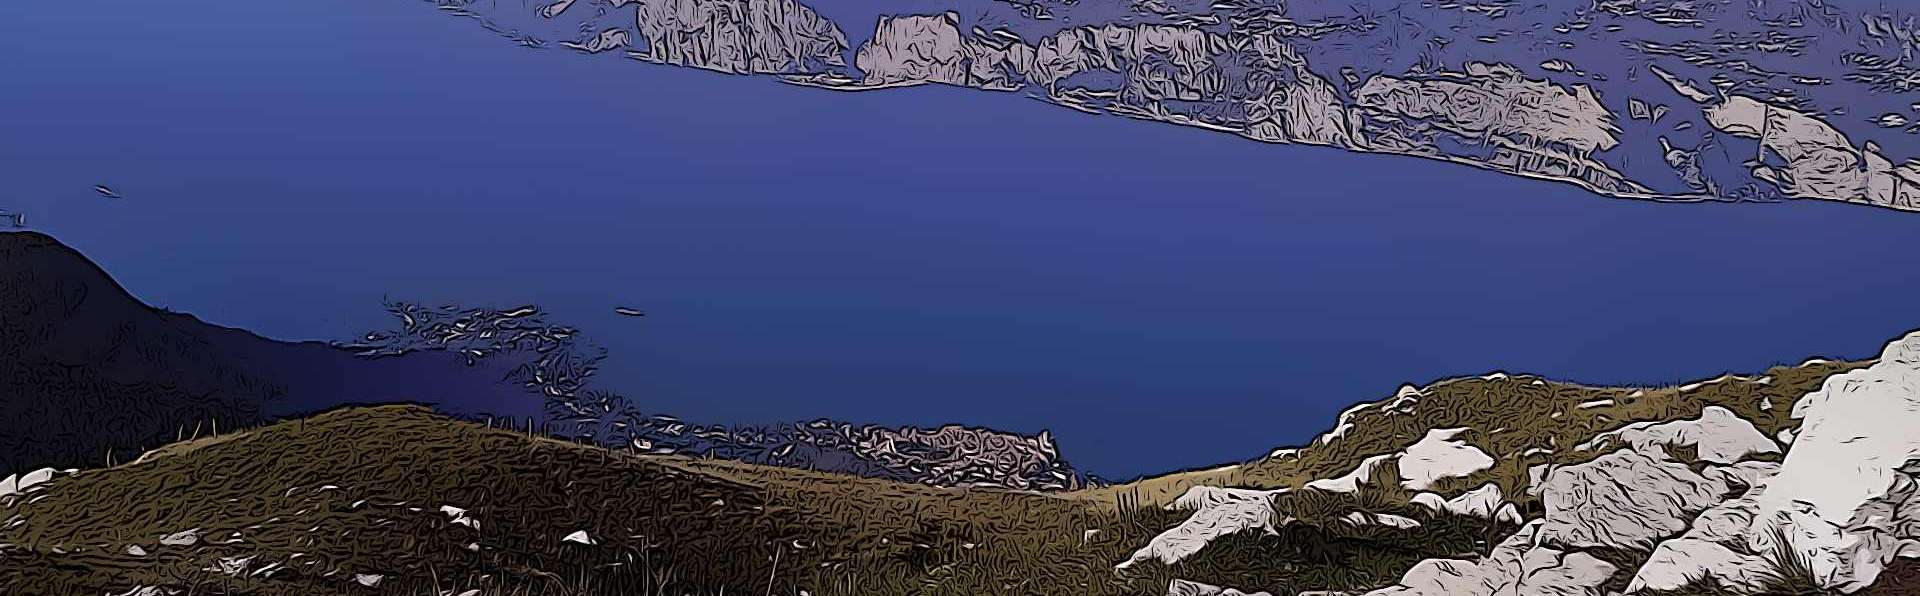 Monte Baldo | Der Botanische Garten Europas